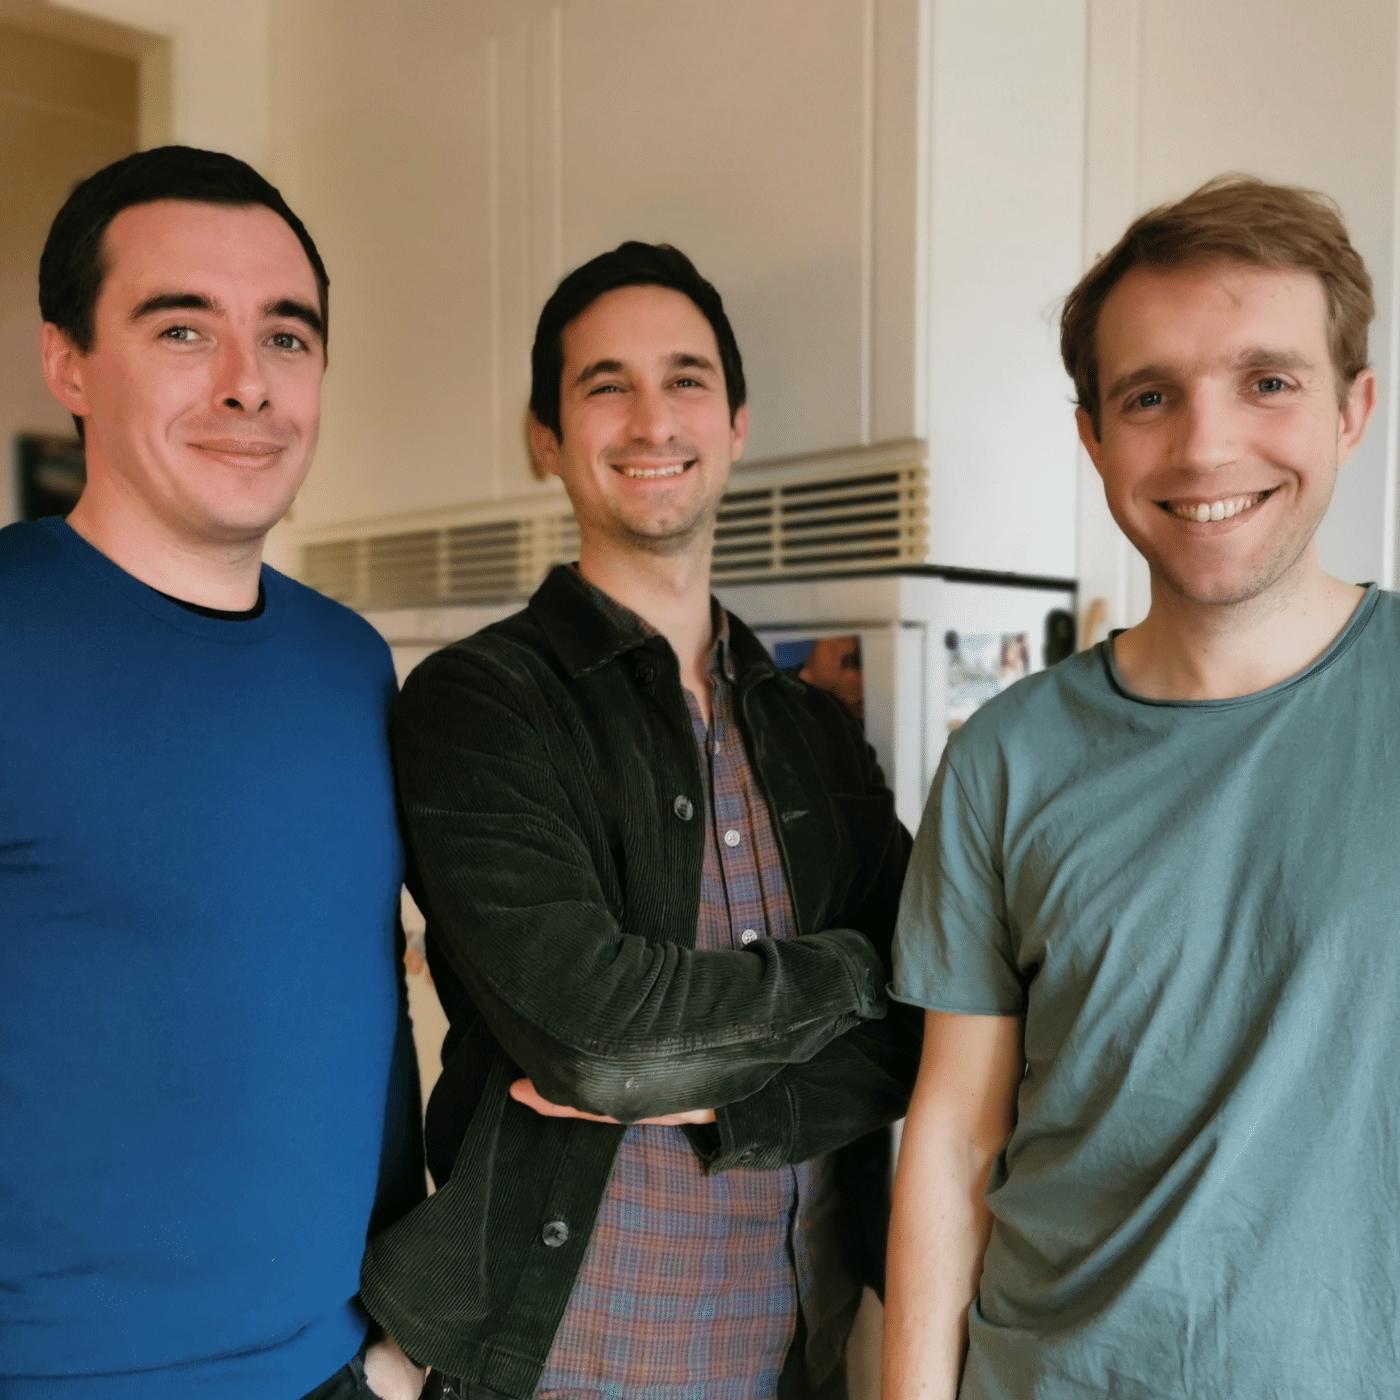 Balthazar, Grégoire et Pierre – Les papas nous livrent leur expérience du congé parental en Suède